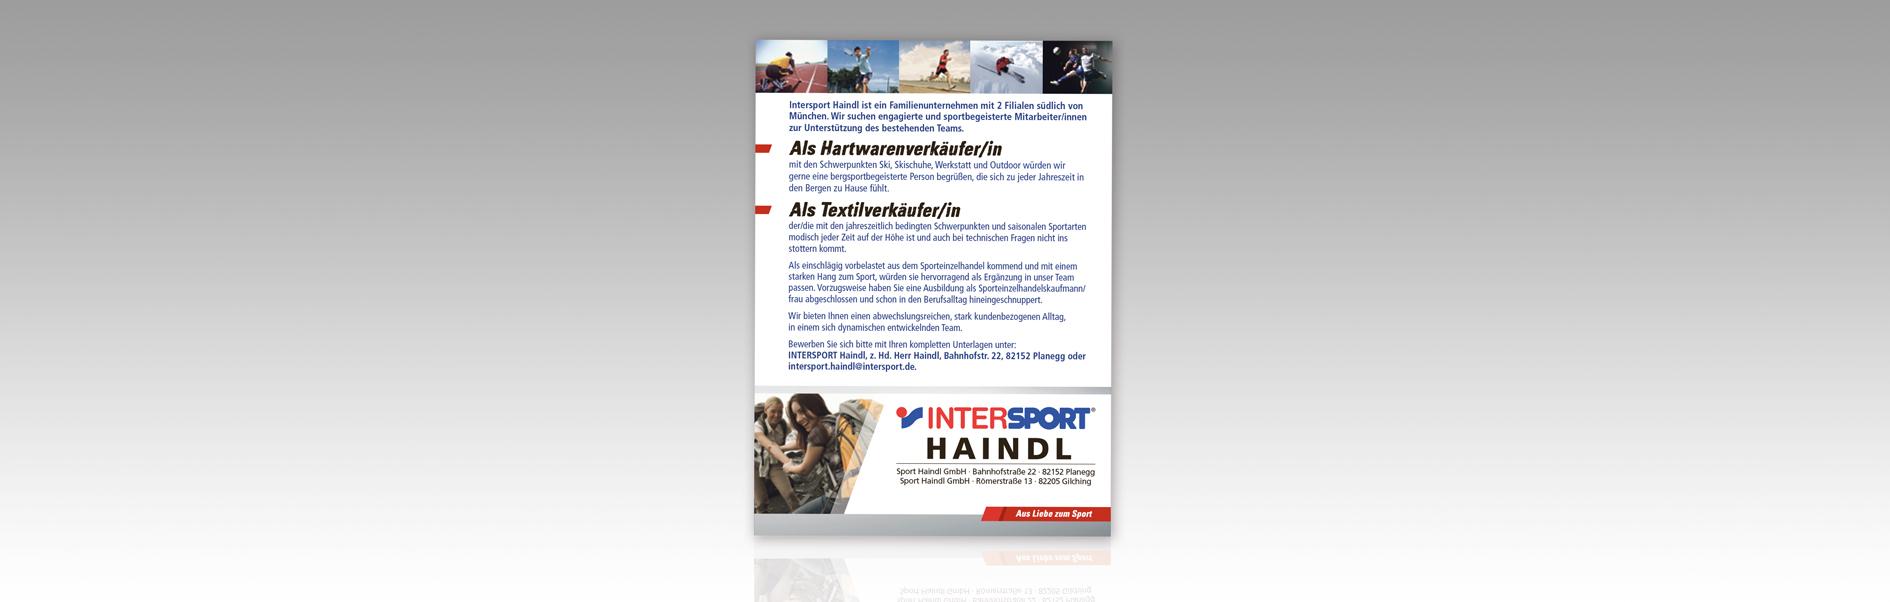 Hier ist die Personalanzeige unseres Kunden Intersport Haindl abgebildet.